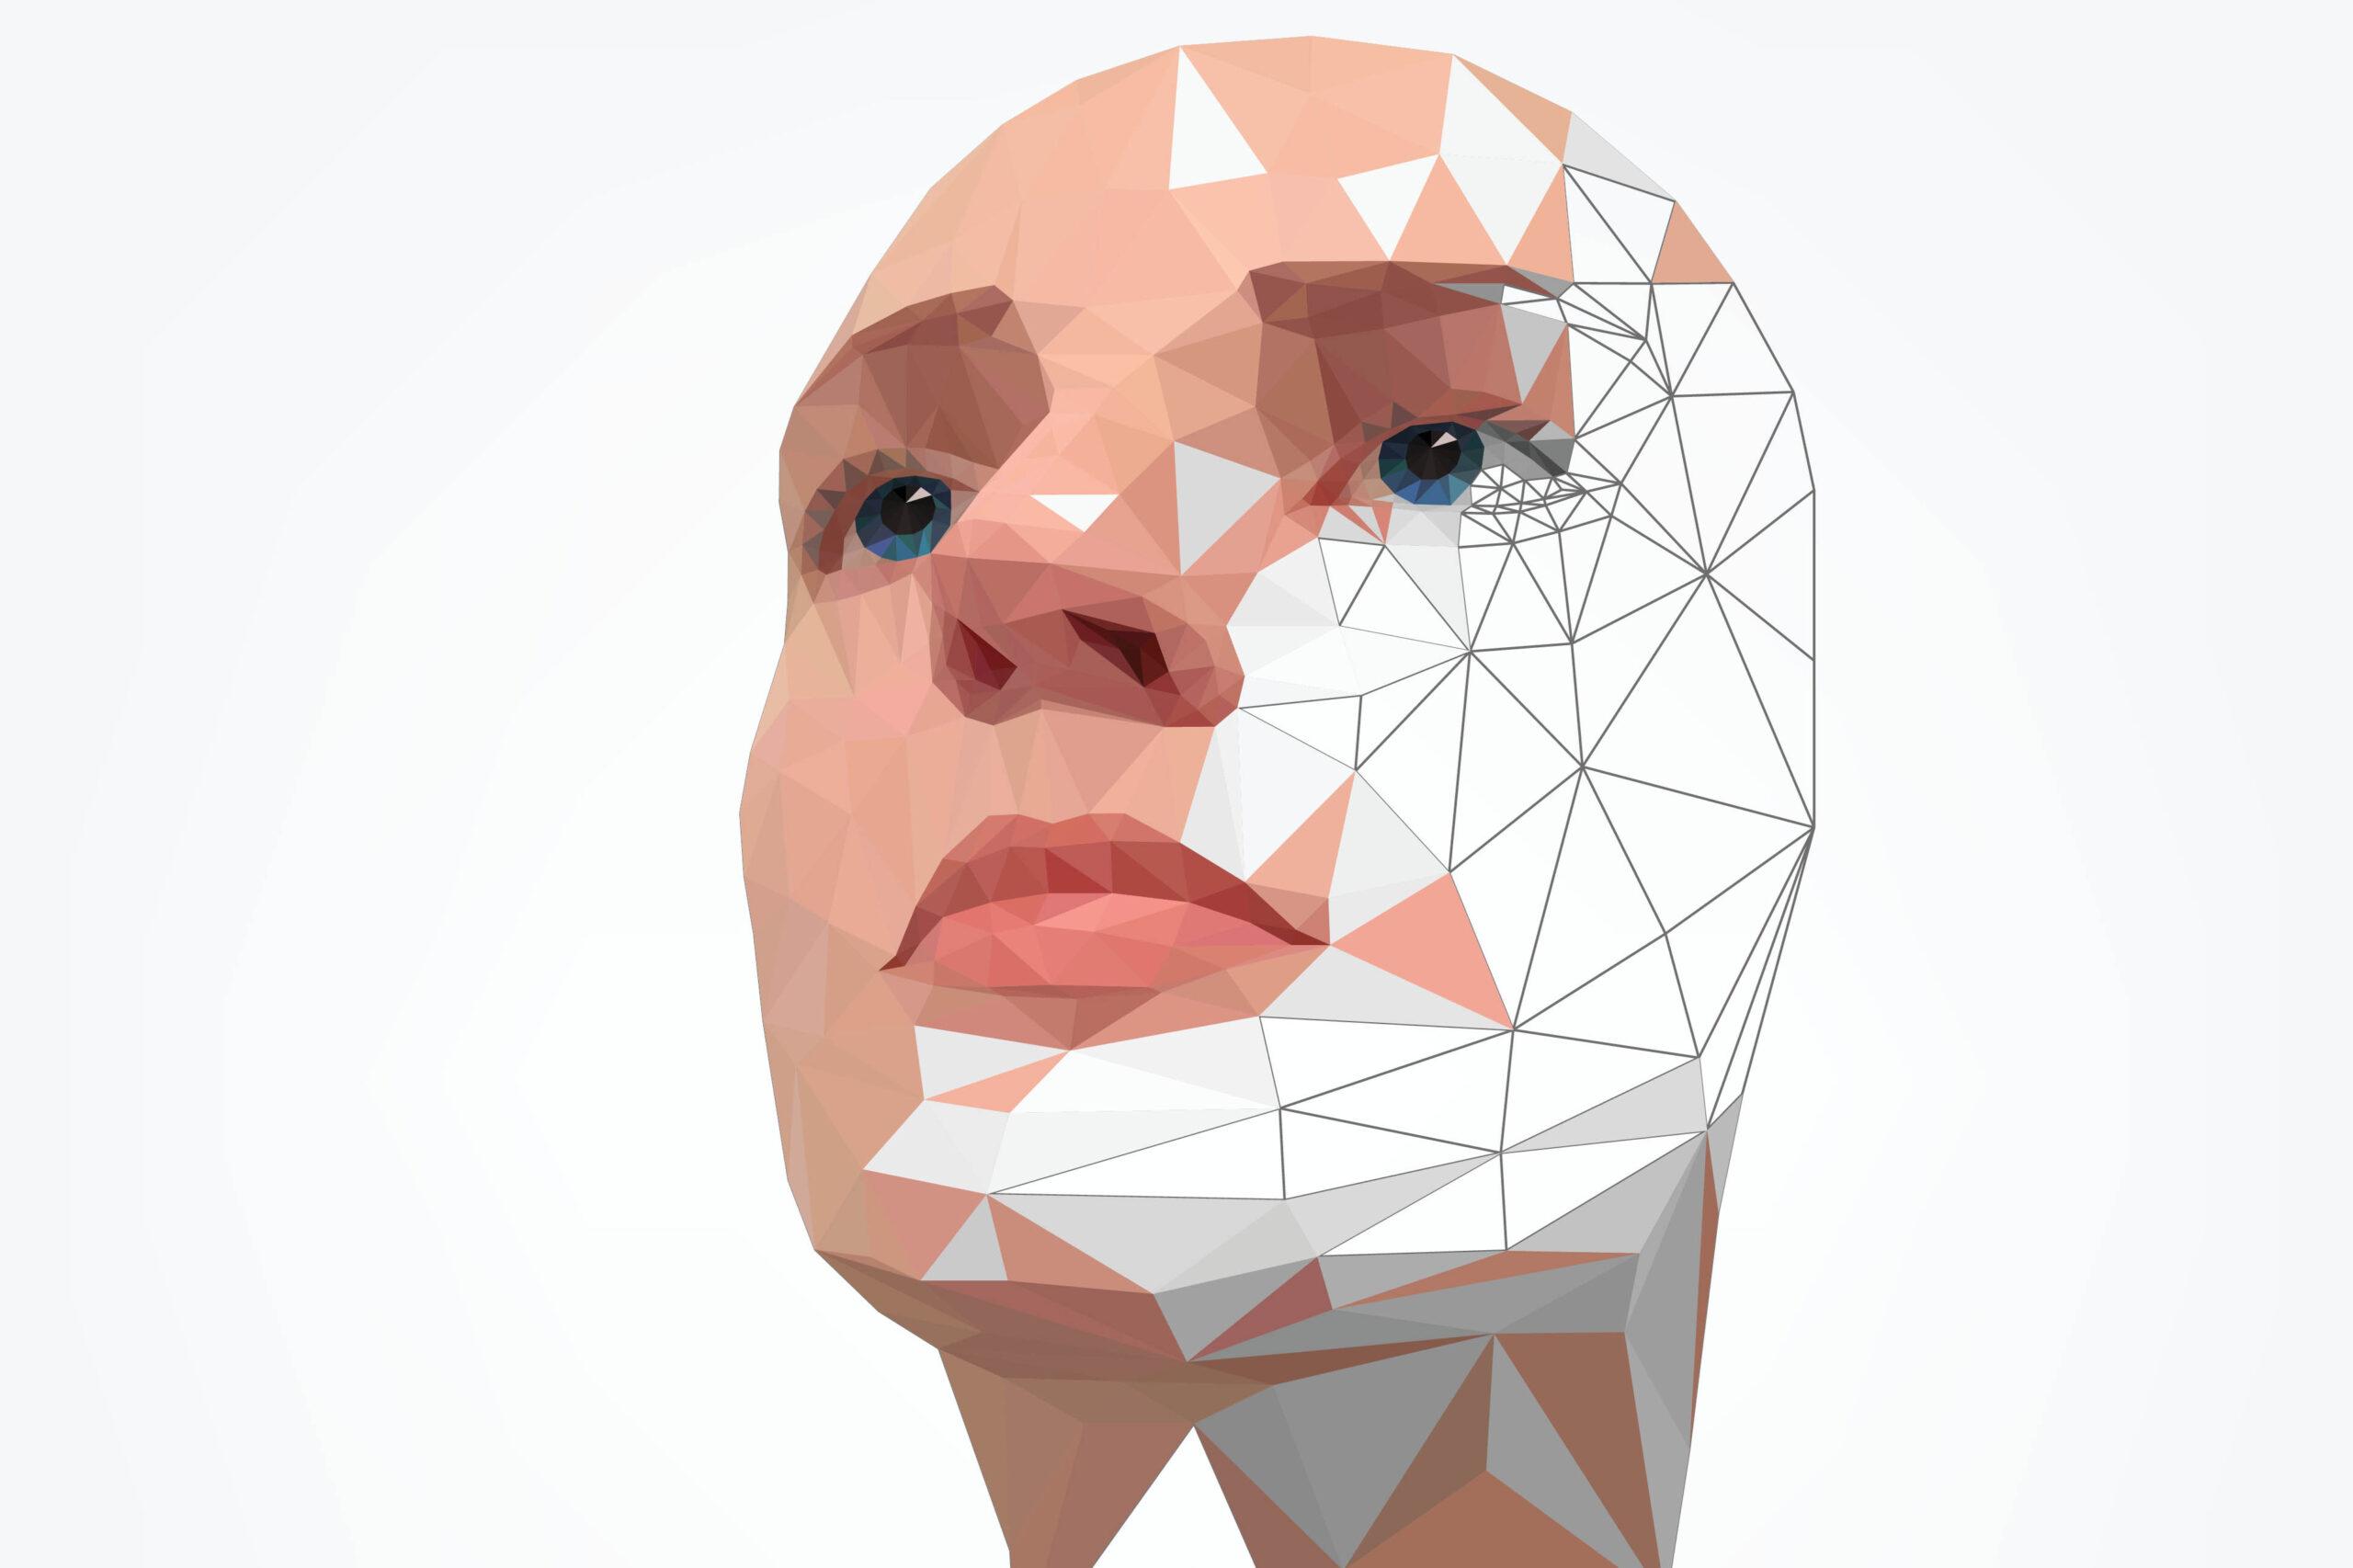 Rendering von einem Gesicht. Feines Liniengitter überzieht das künstliche Gesicht. Ein Teil ist schon fertig ausgefüllt und in Farbe.